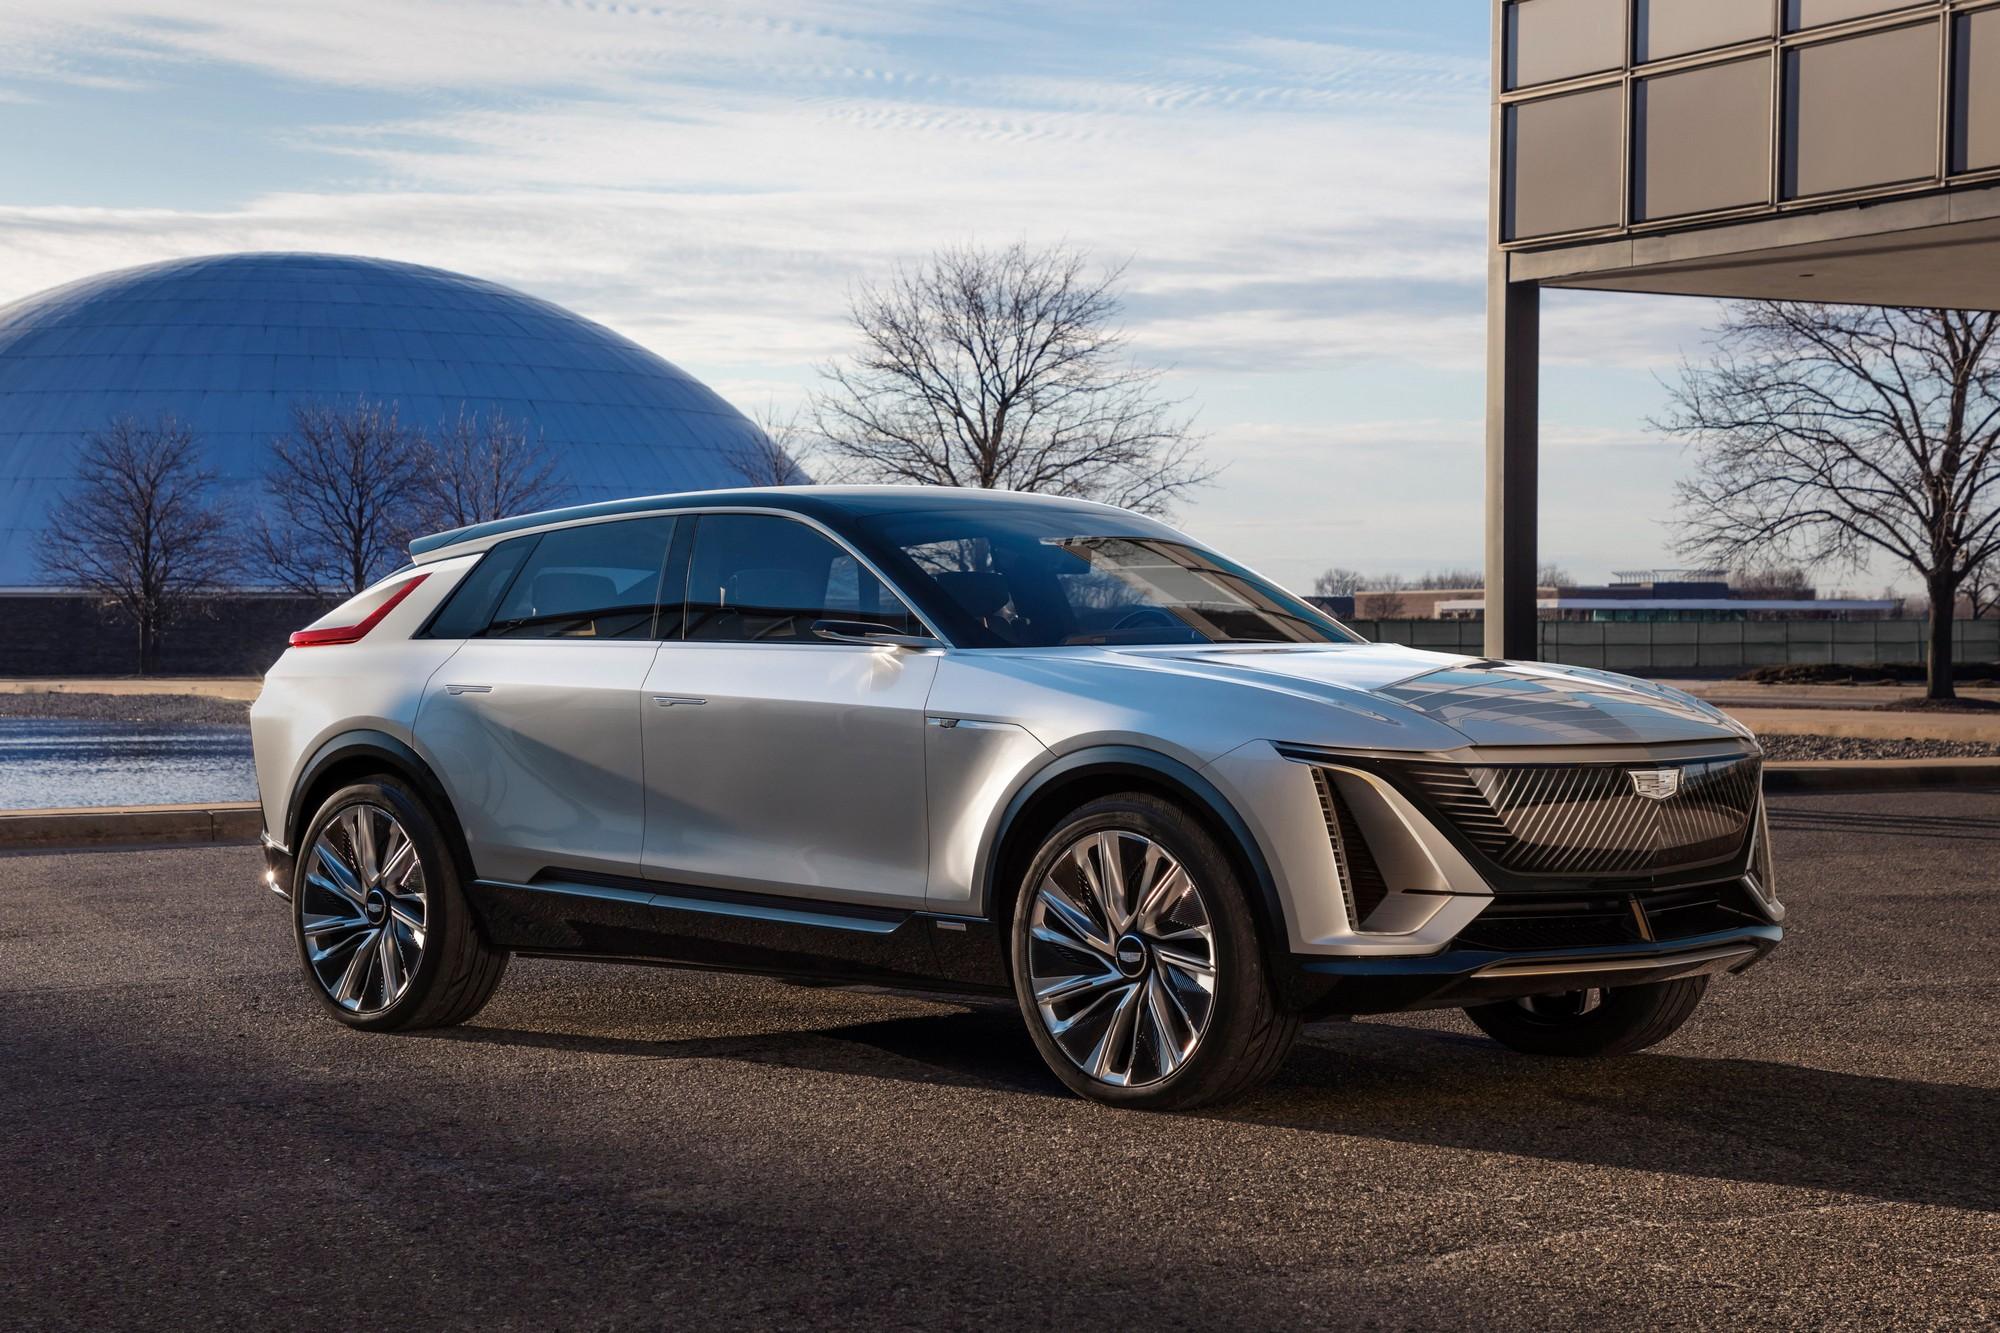 GM представил концепт премиального электрокроссовера Cadillac Lyriq с батареей на 100 кВтч запасом хода до 500 км и 33-дюймовым дисплеем в салоне